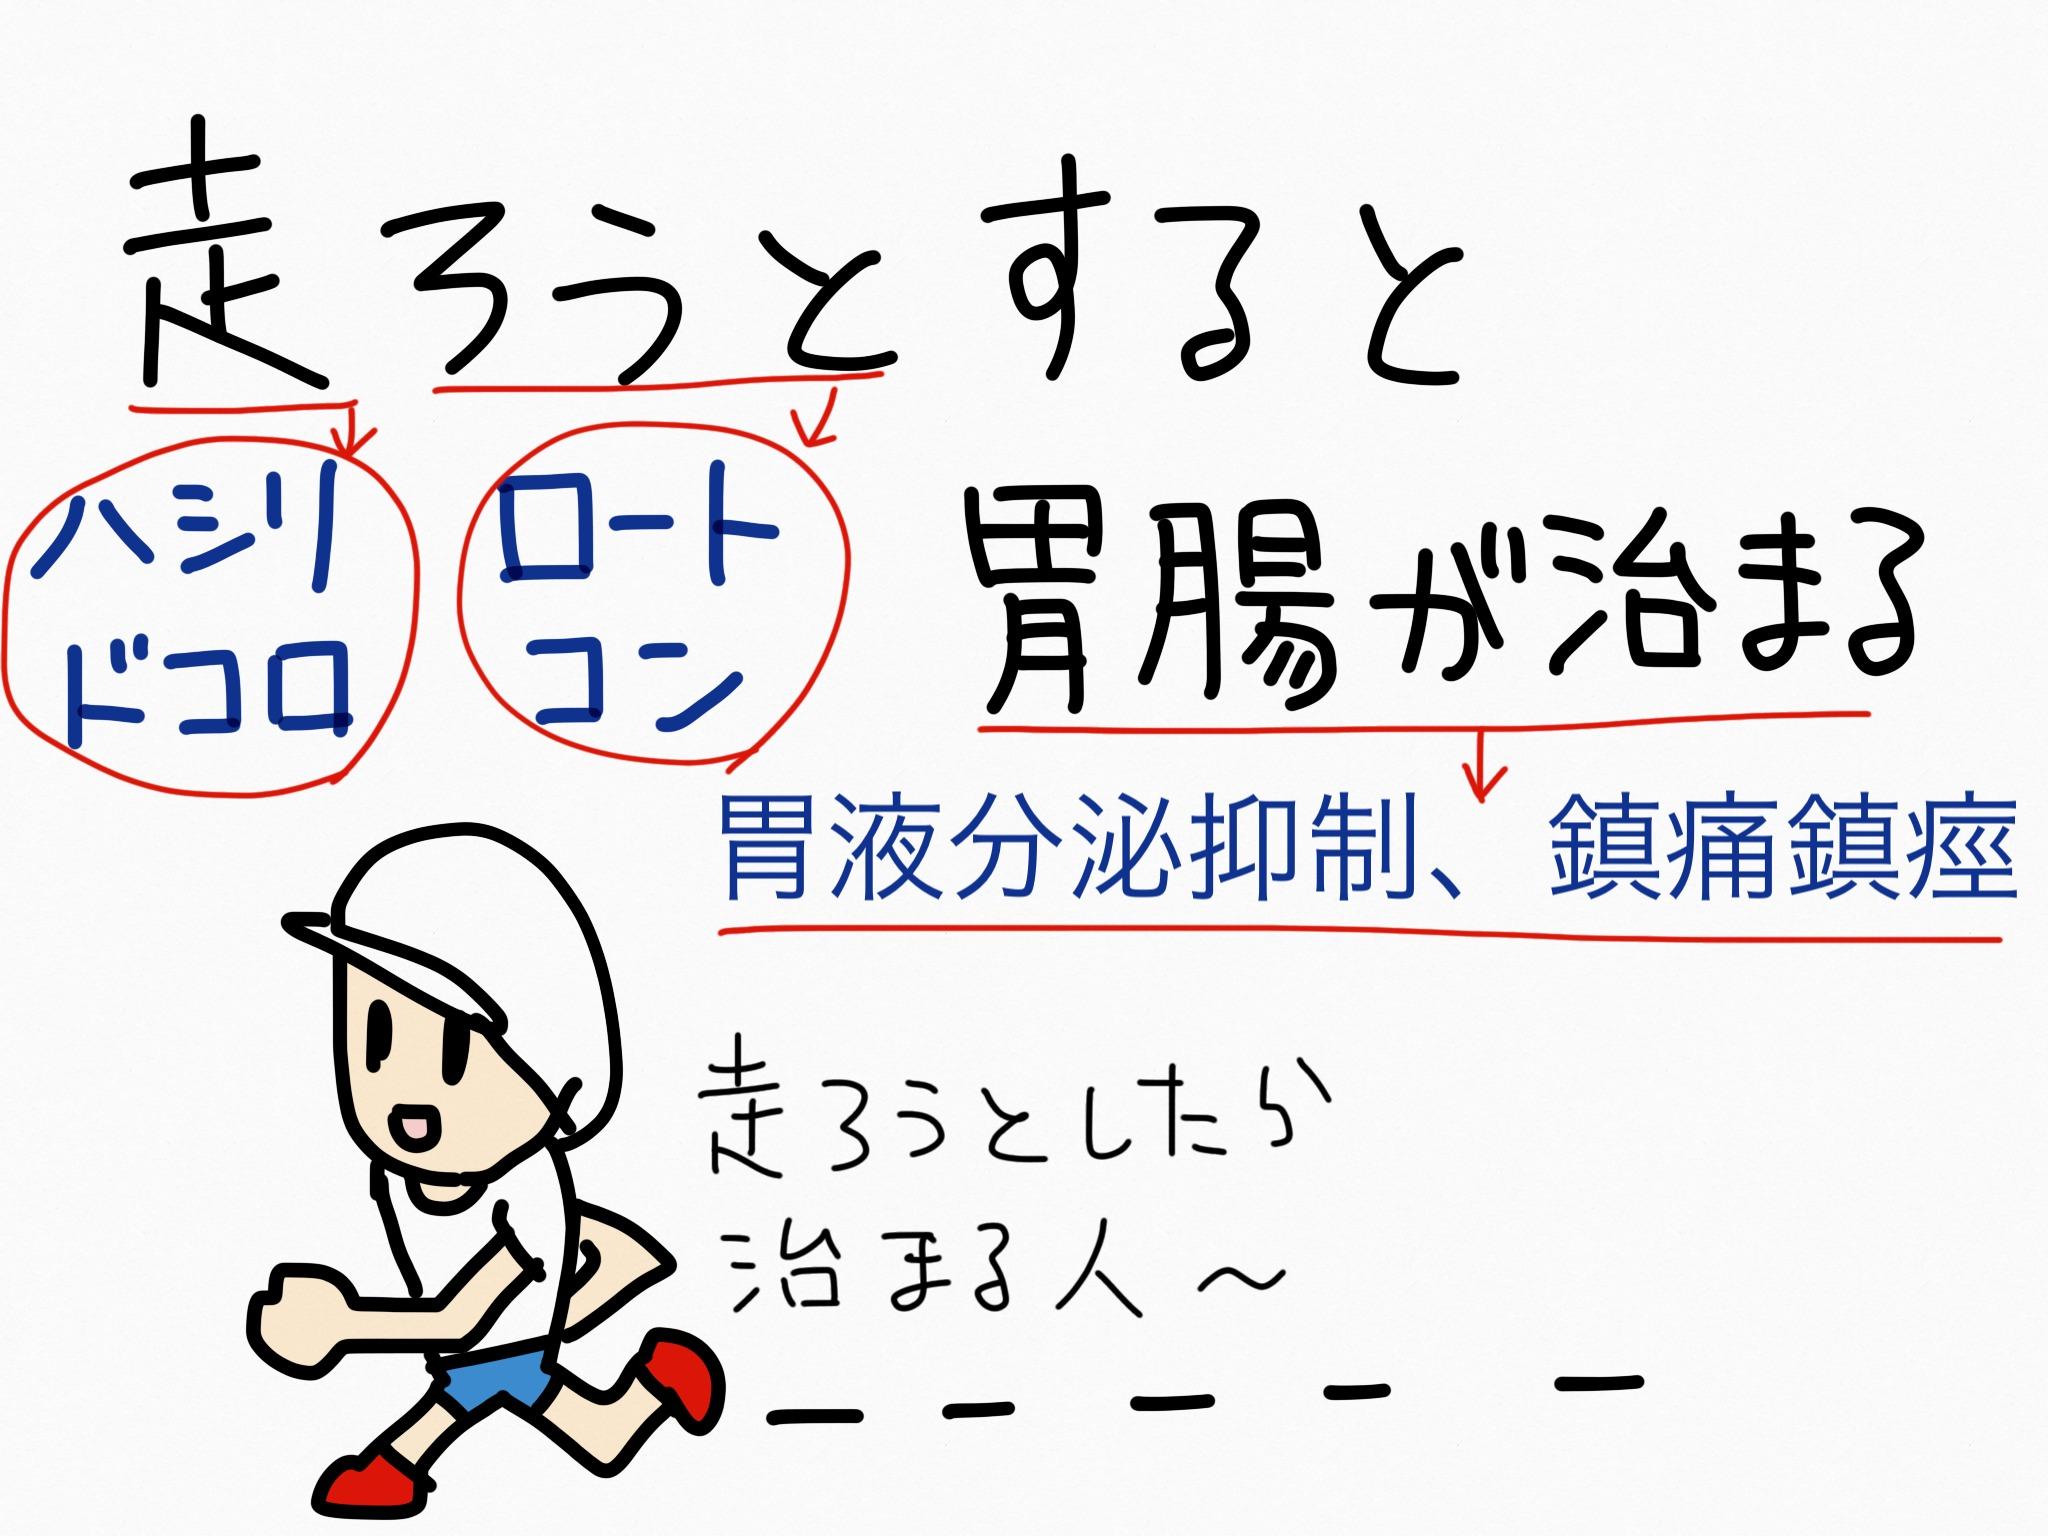 ロートエキス[胃腸薬他]生薬の覚え方・暗記方法・語呂合わせ